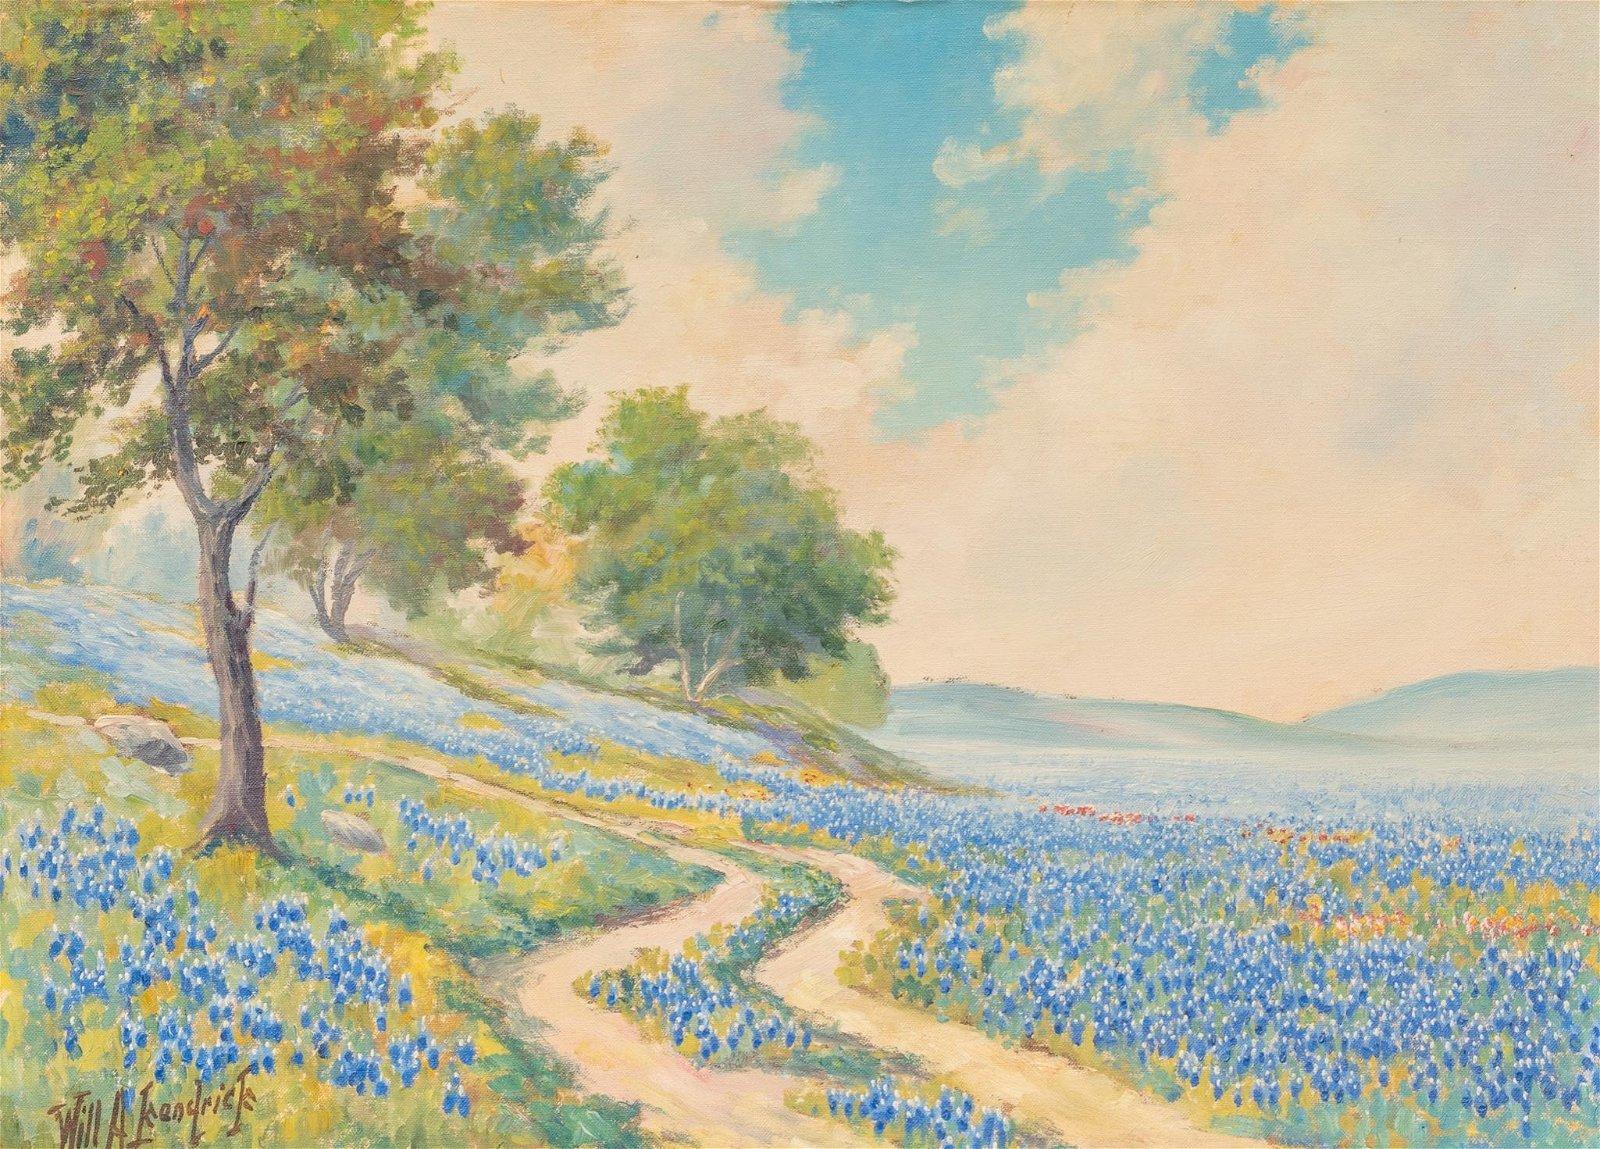 Will Kendrick (1889-1969), Bluebonnets, oil